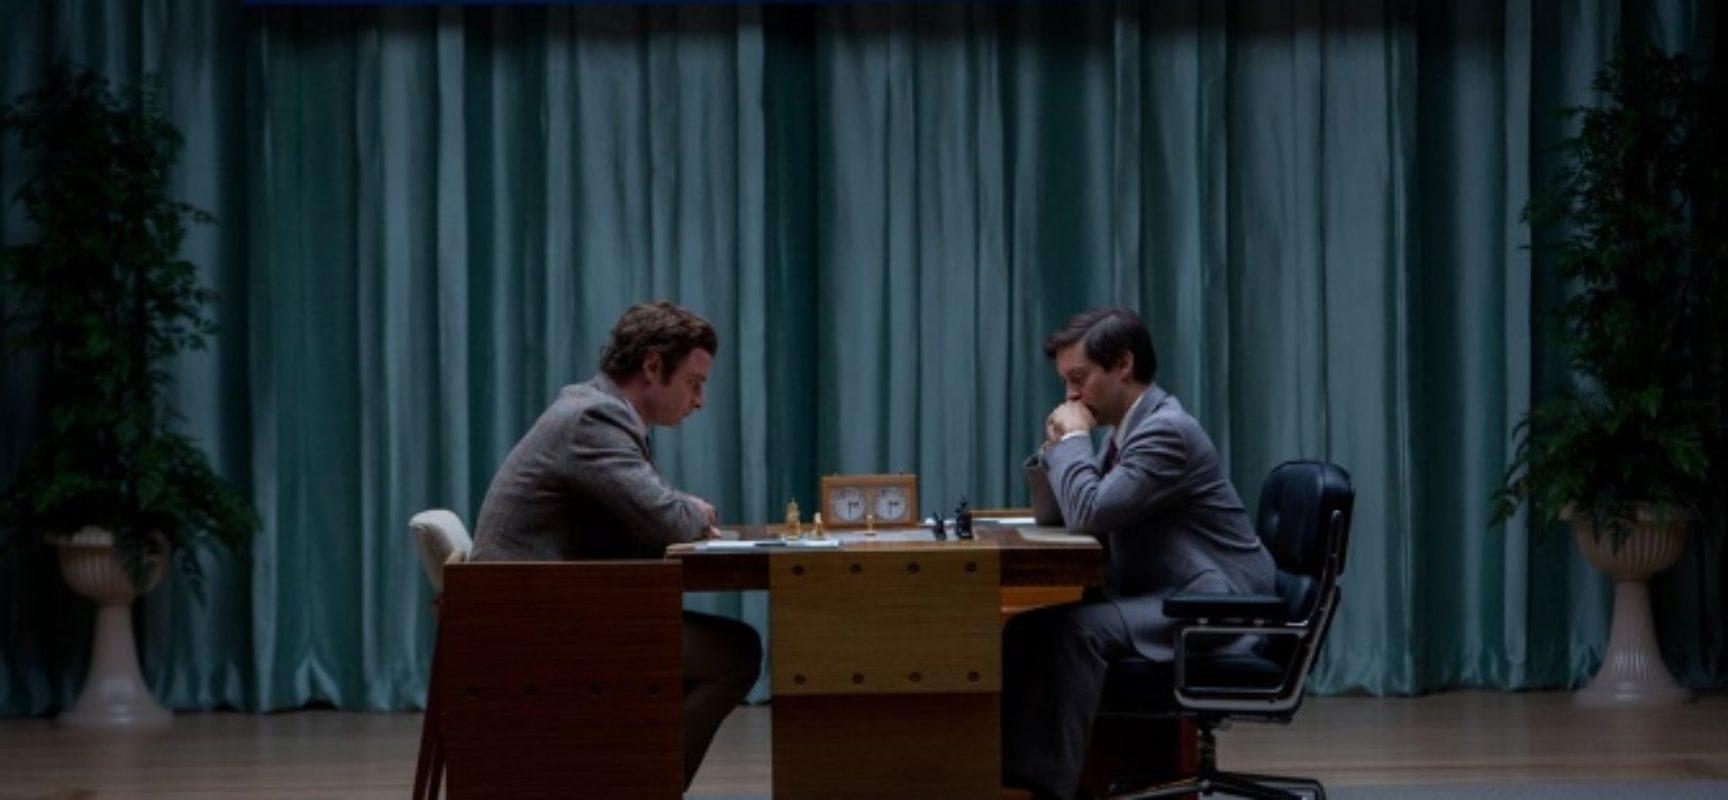 Crítica de Pawn Sacrifice, la película sobre el duelo Spassky-Fischer